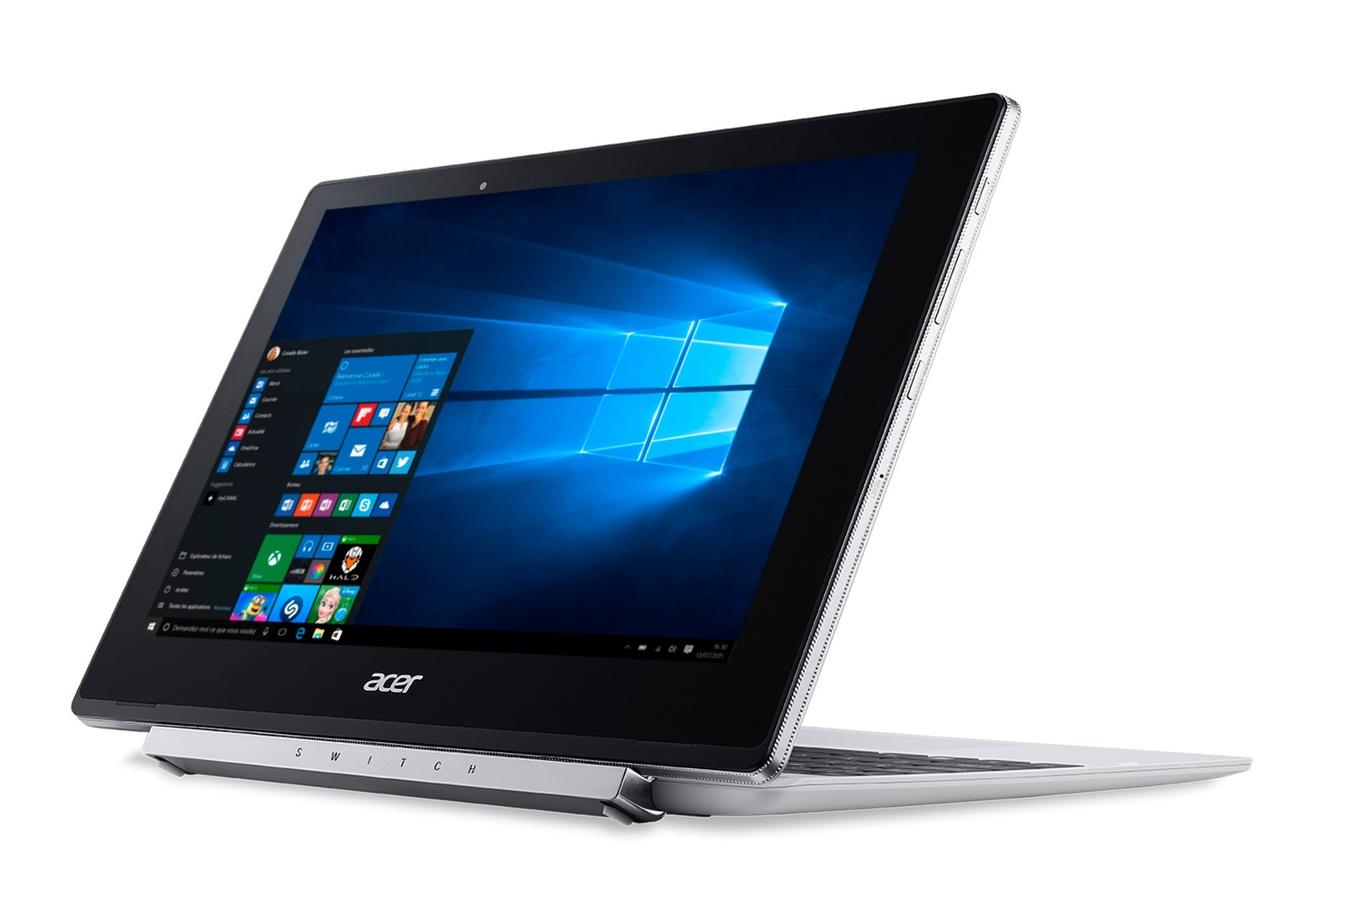 Ordinateur Portable Hybride Acer Switch V 10, clavier amovible - Atom x5-Z8350 - HD Graphics - 64 Go SSD - 10.1 pouces - Wifi/LAN/Bluetooth - 4 Go DDR3 - Windows 10 Home,informatique Reunion 974, Futur Réunion informatique